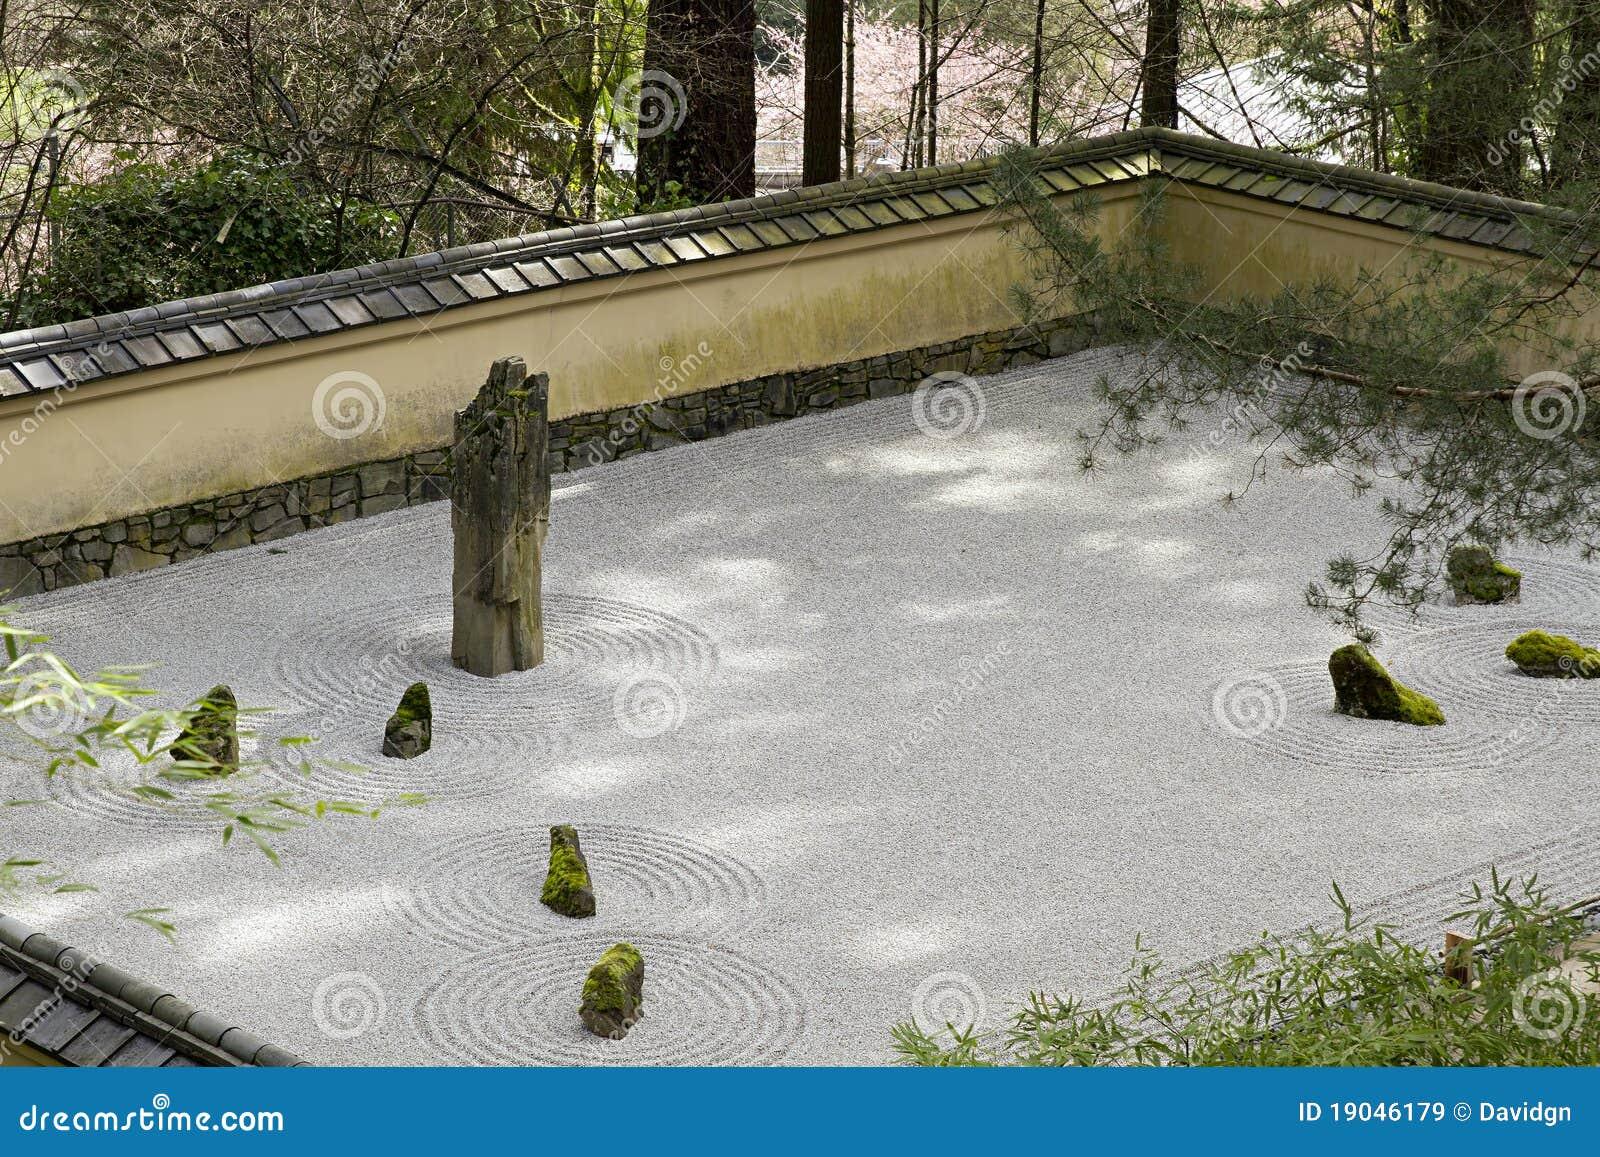 Sable de portland et jardin japonais de pierre images for Jardin japonais pierre